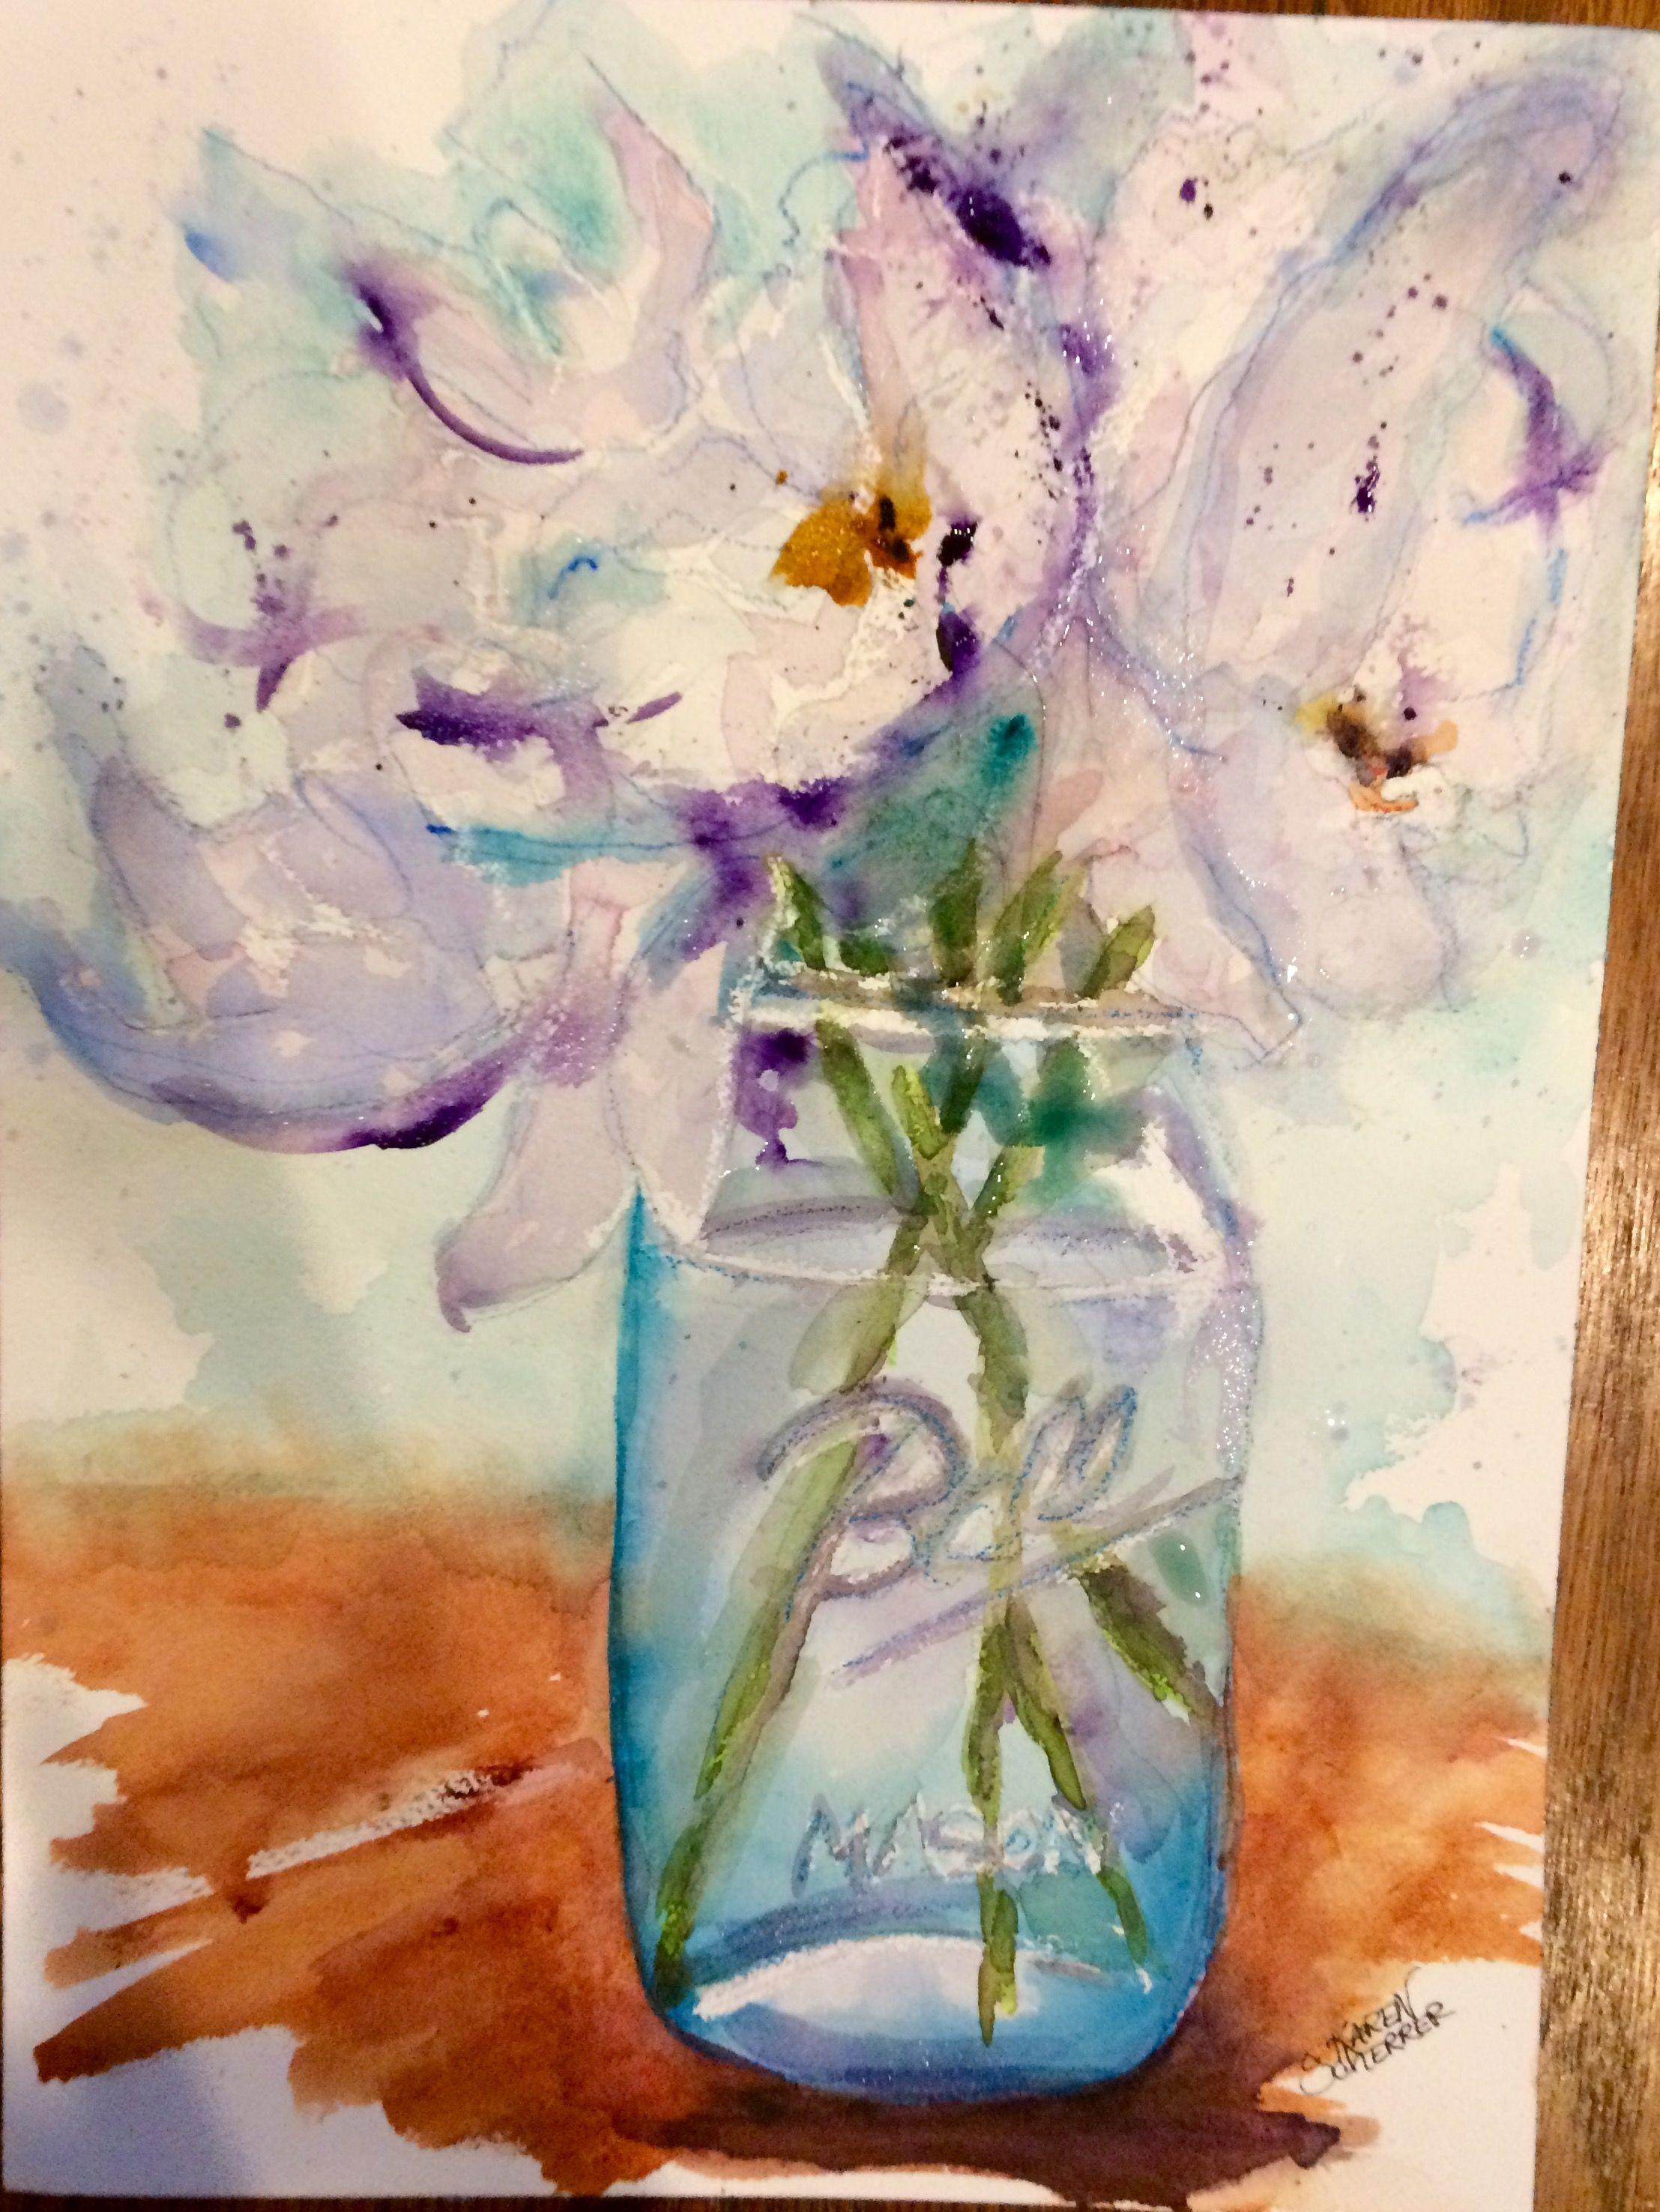 Watercolor artists in texas -  Peonies In A Jar By Texas Watercolor Artist Karen Scherrer